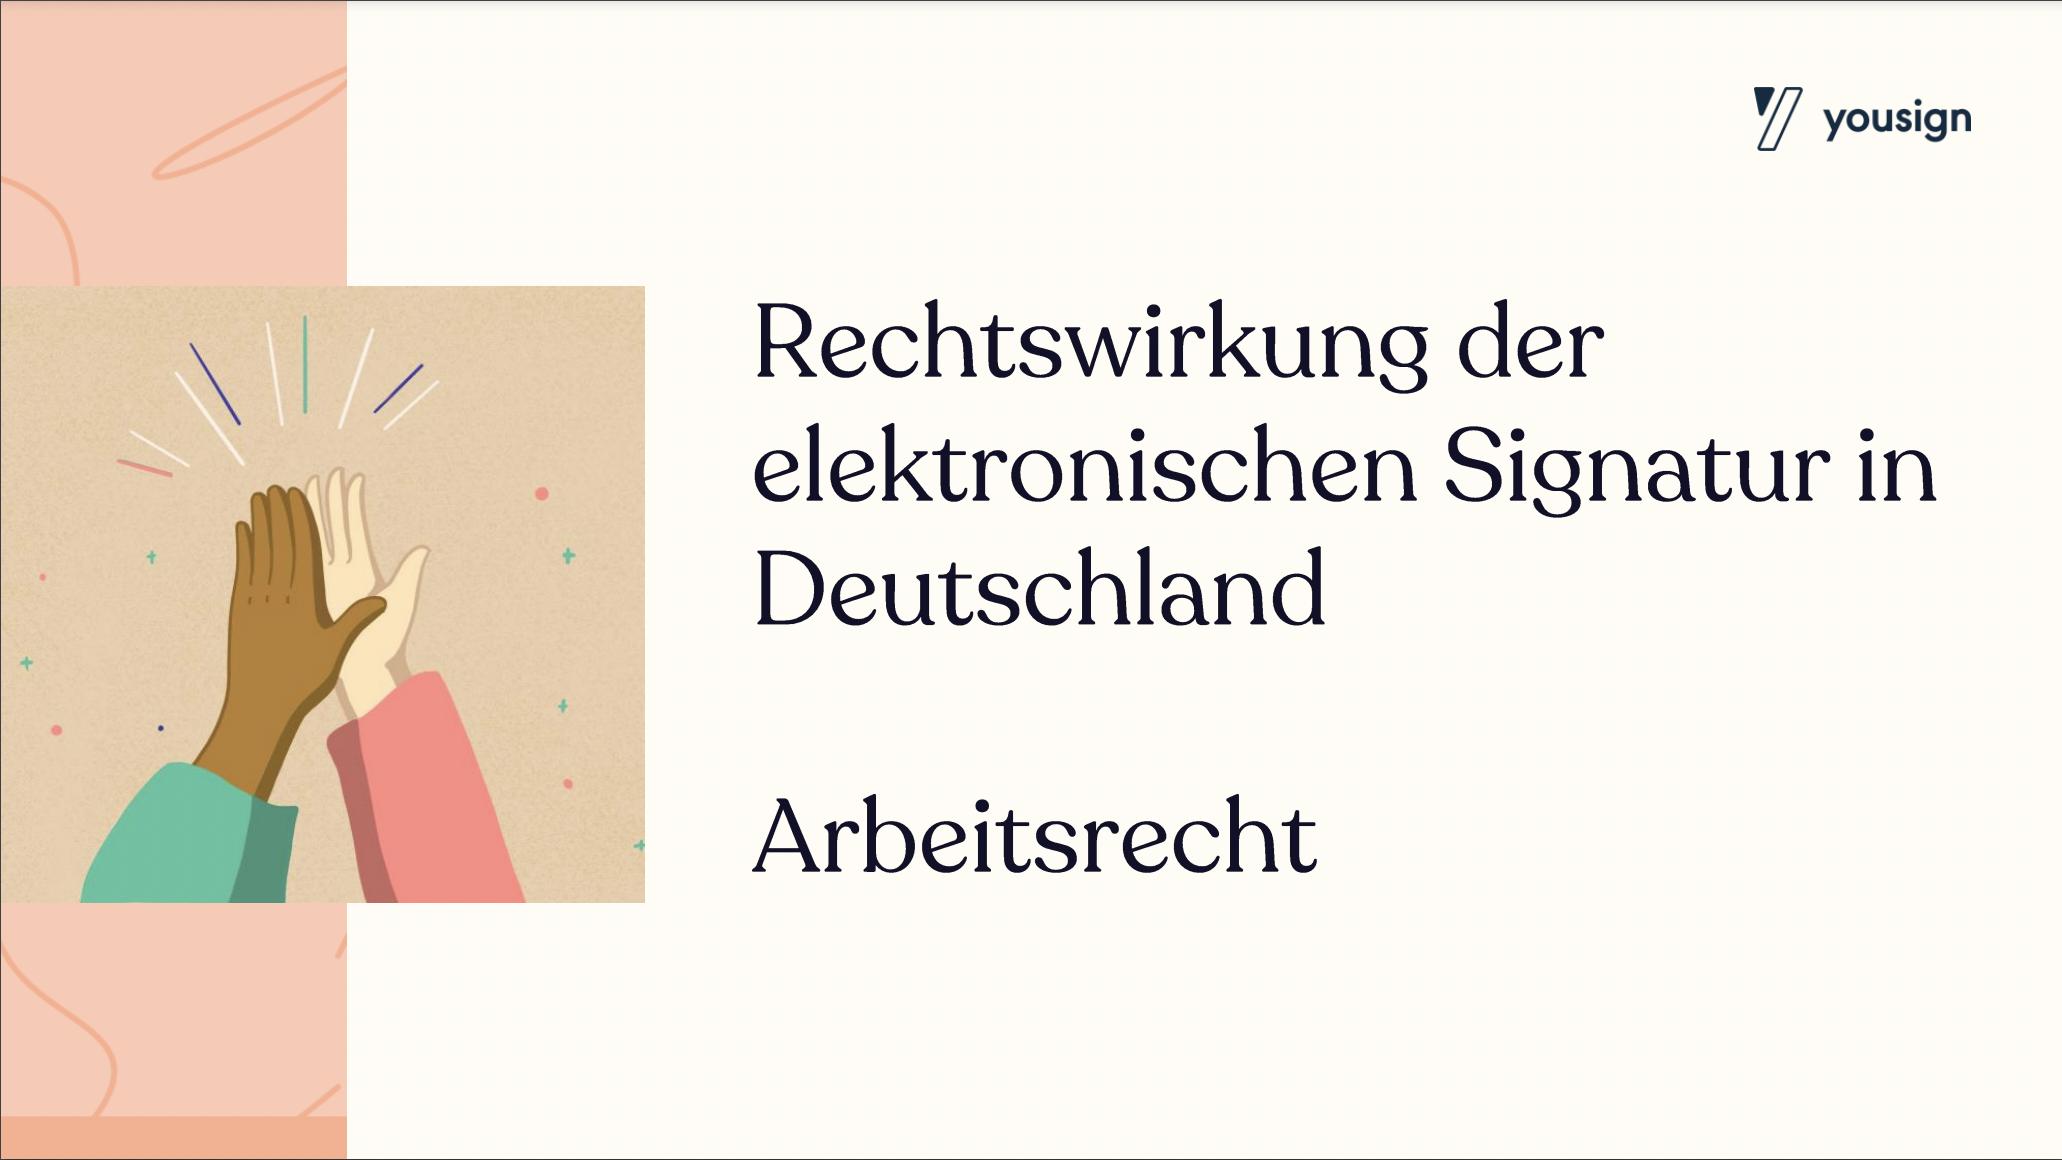 Rechtswirkung der elektronischen Signatur in Deutschland